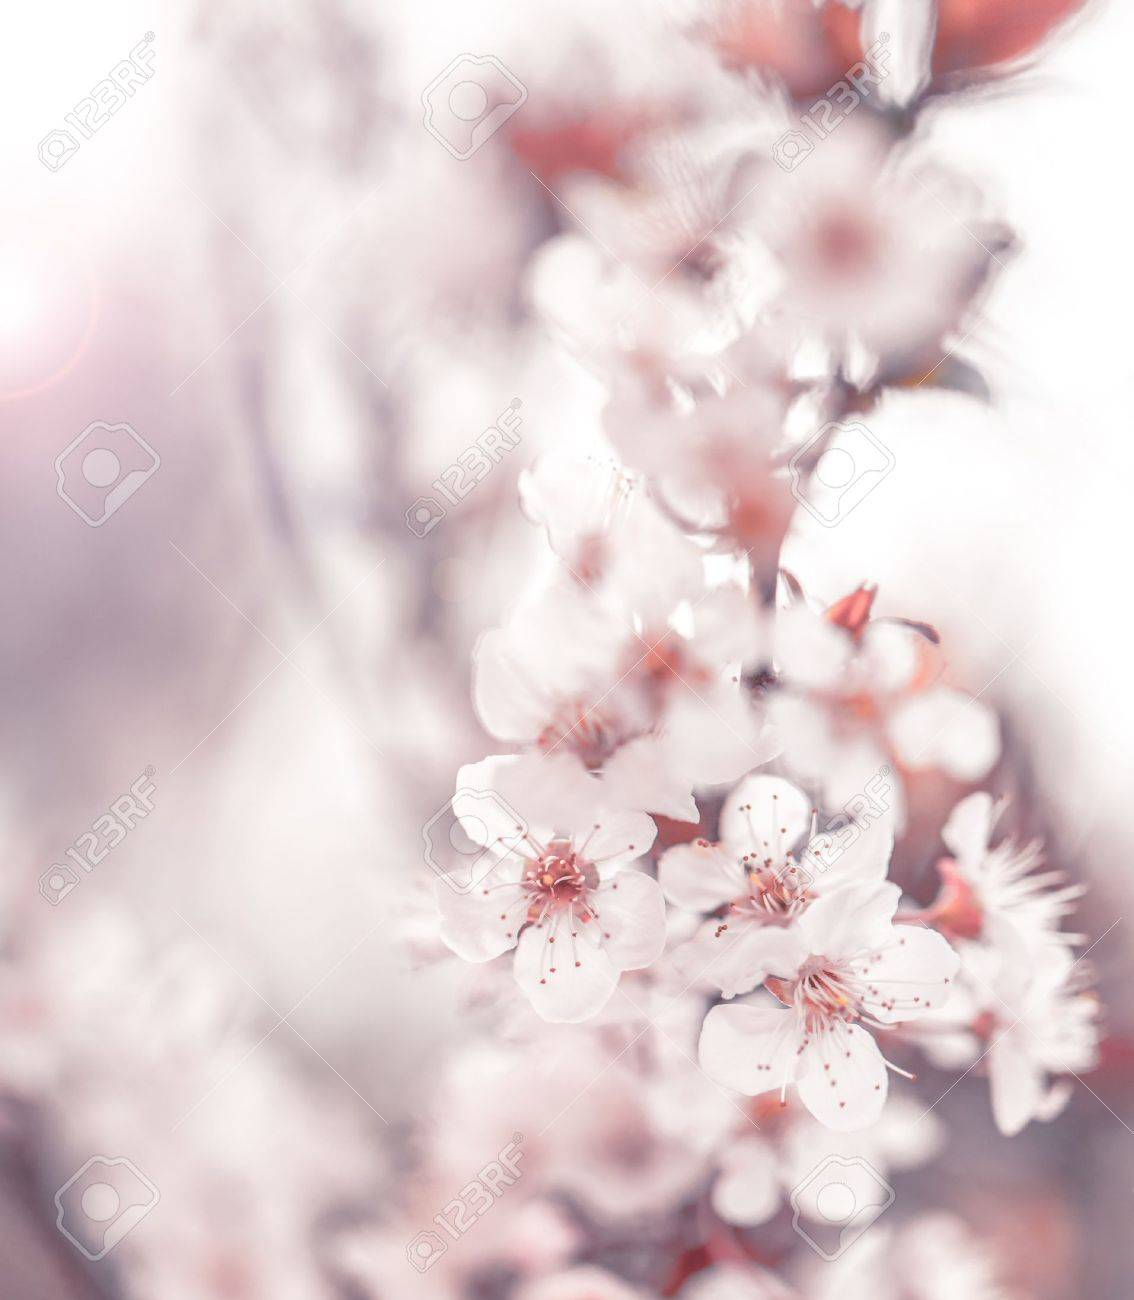 イメージの美しい桜 抽象的な背景が自然 美術 春の木の枝に小さな